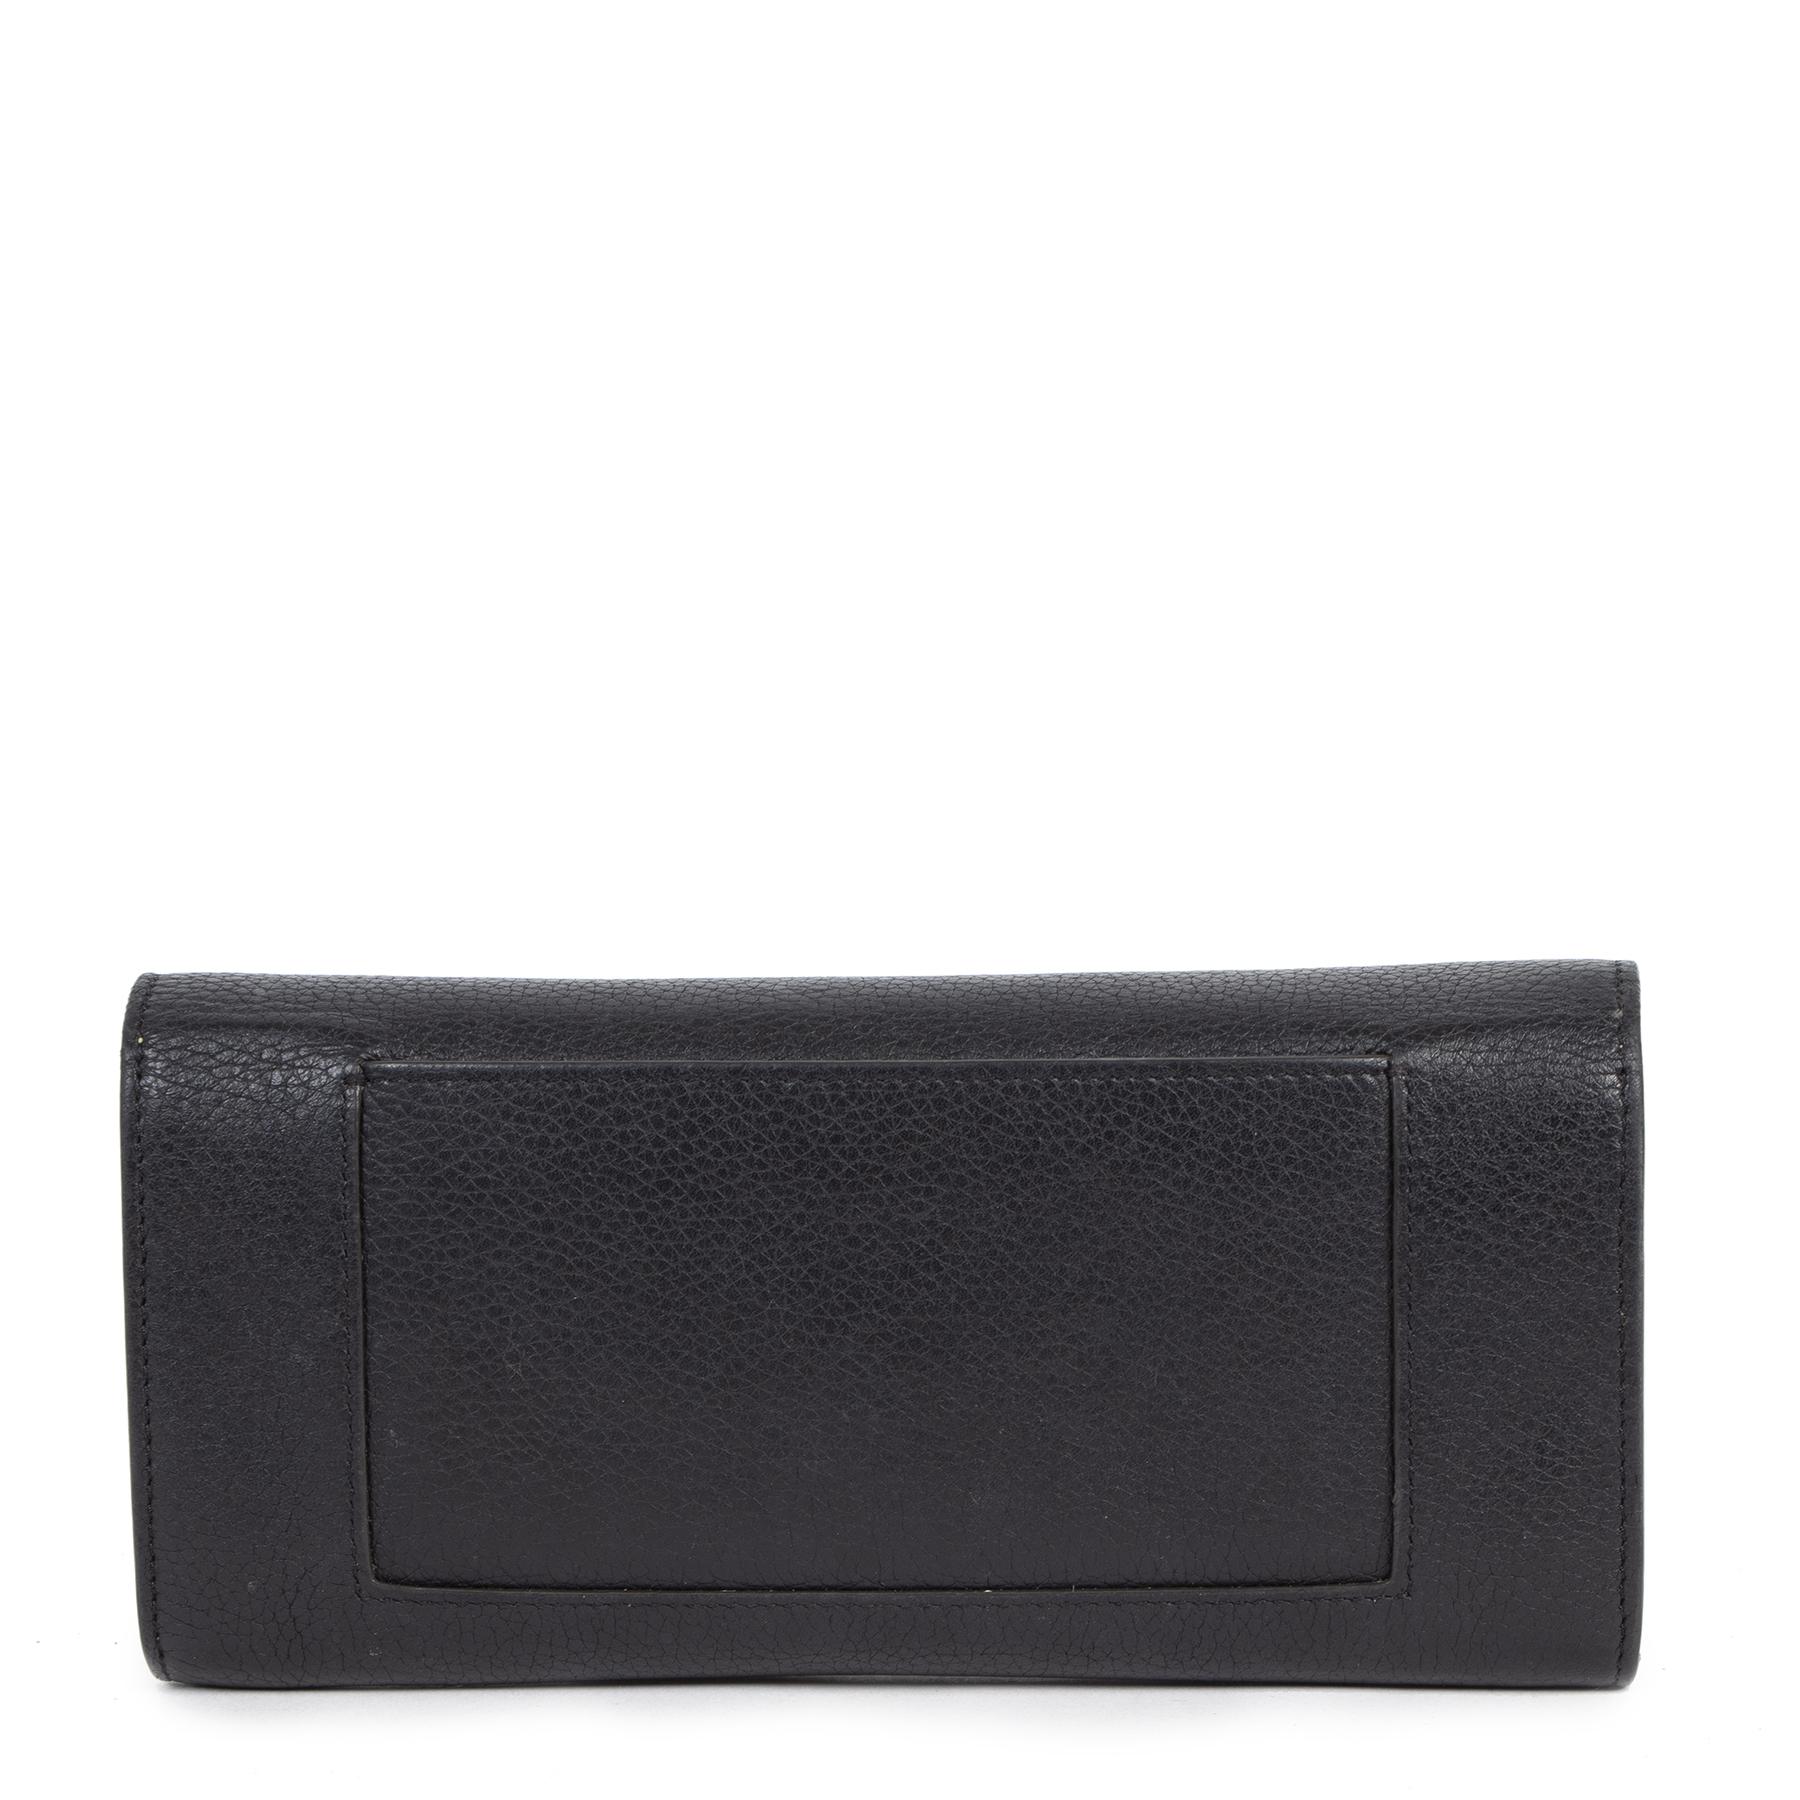 Koop online veilig authentieke tweedehands Celine portefeuilles met de juiste prijs bij LabelLOV.